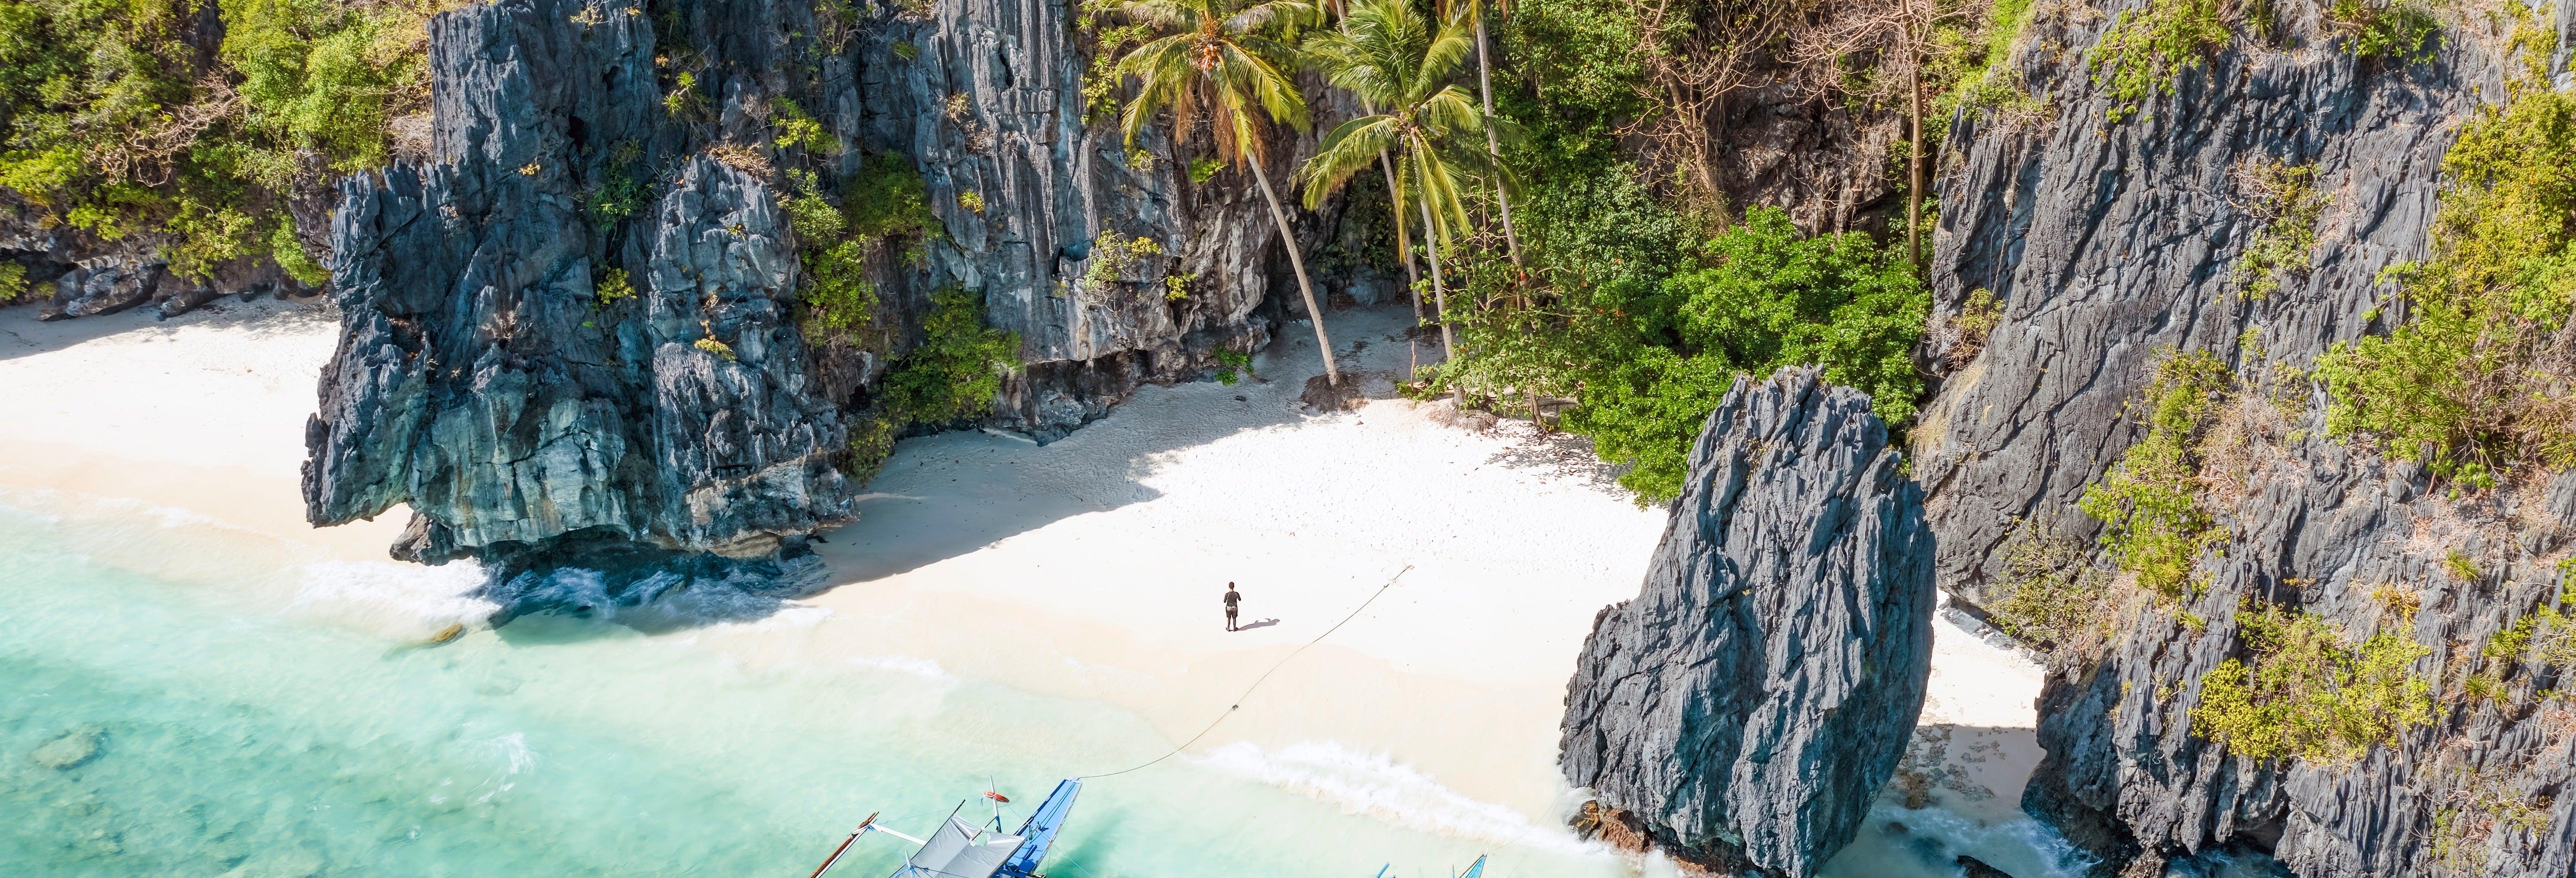 Excursion aux lagunes d'El Nido